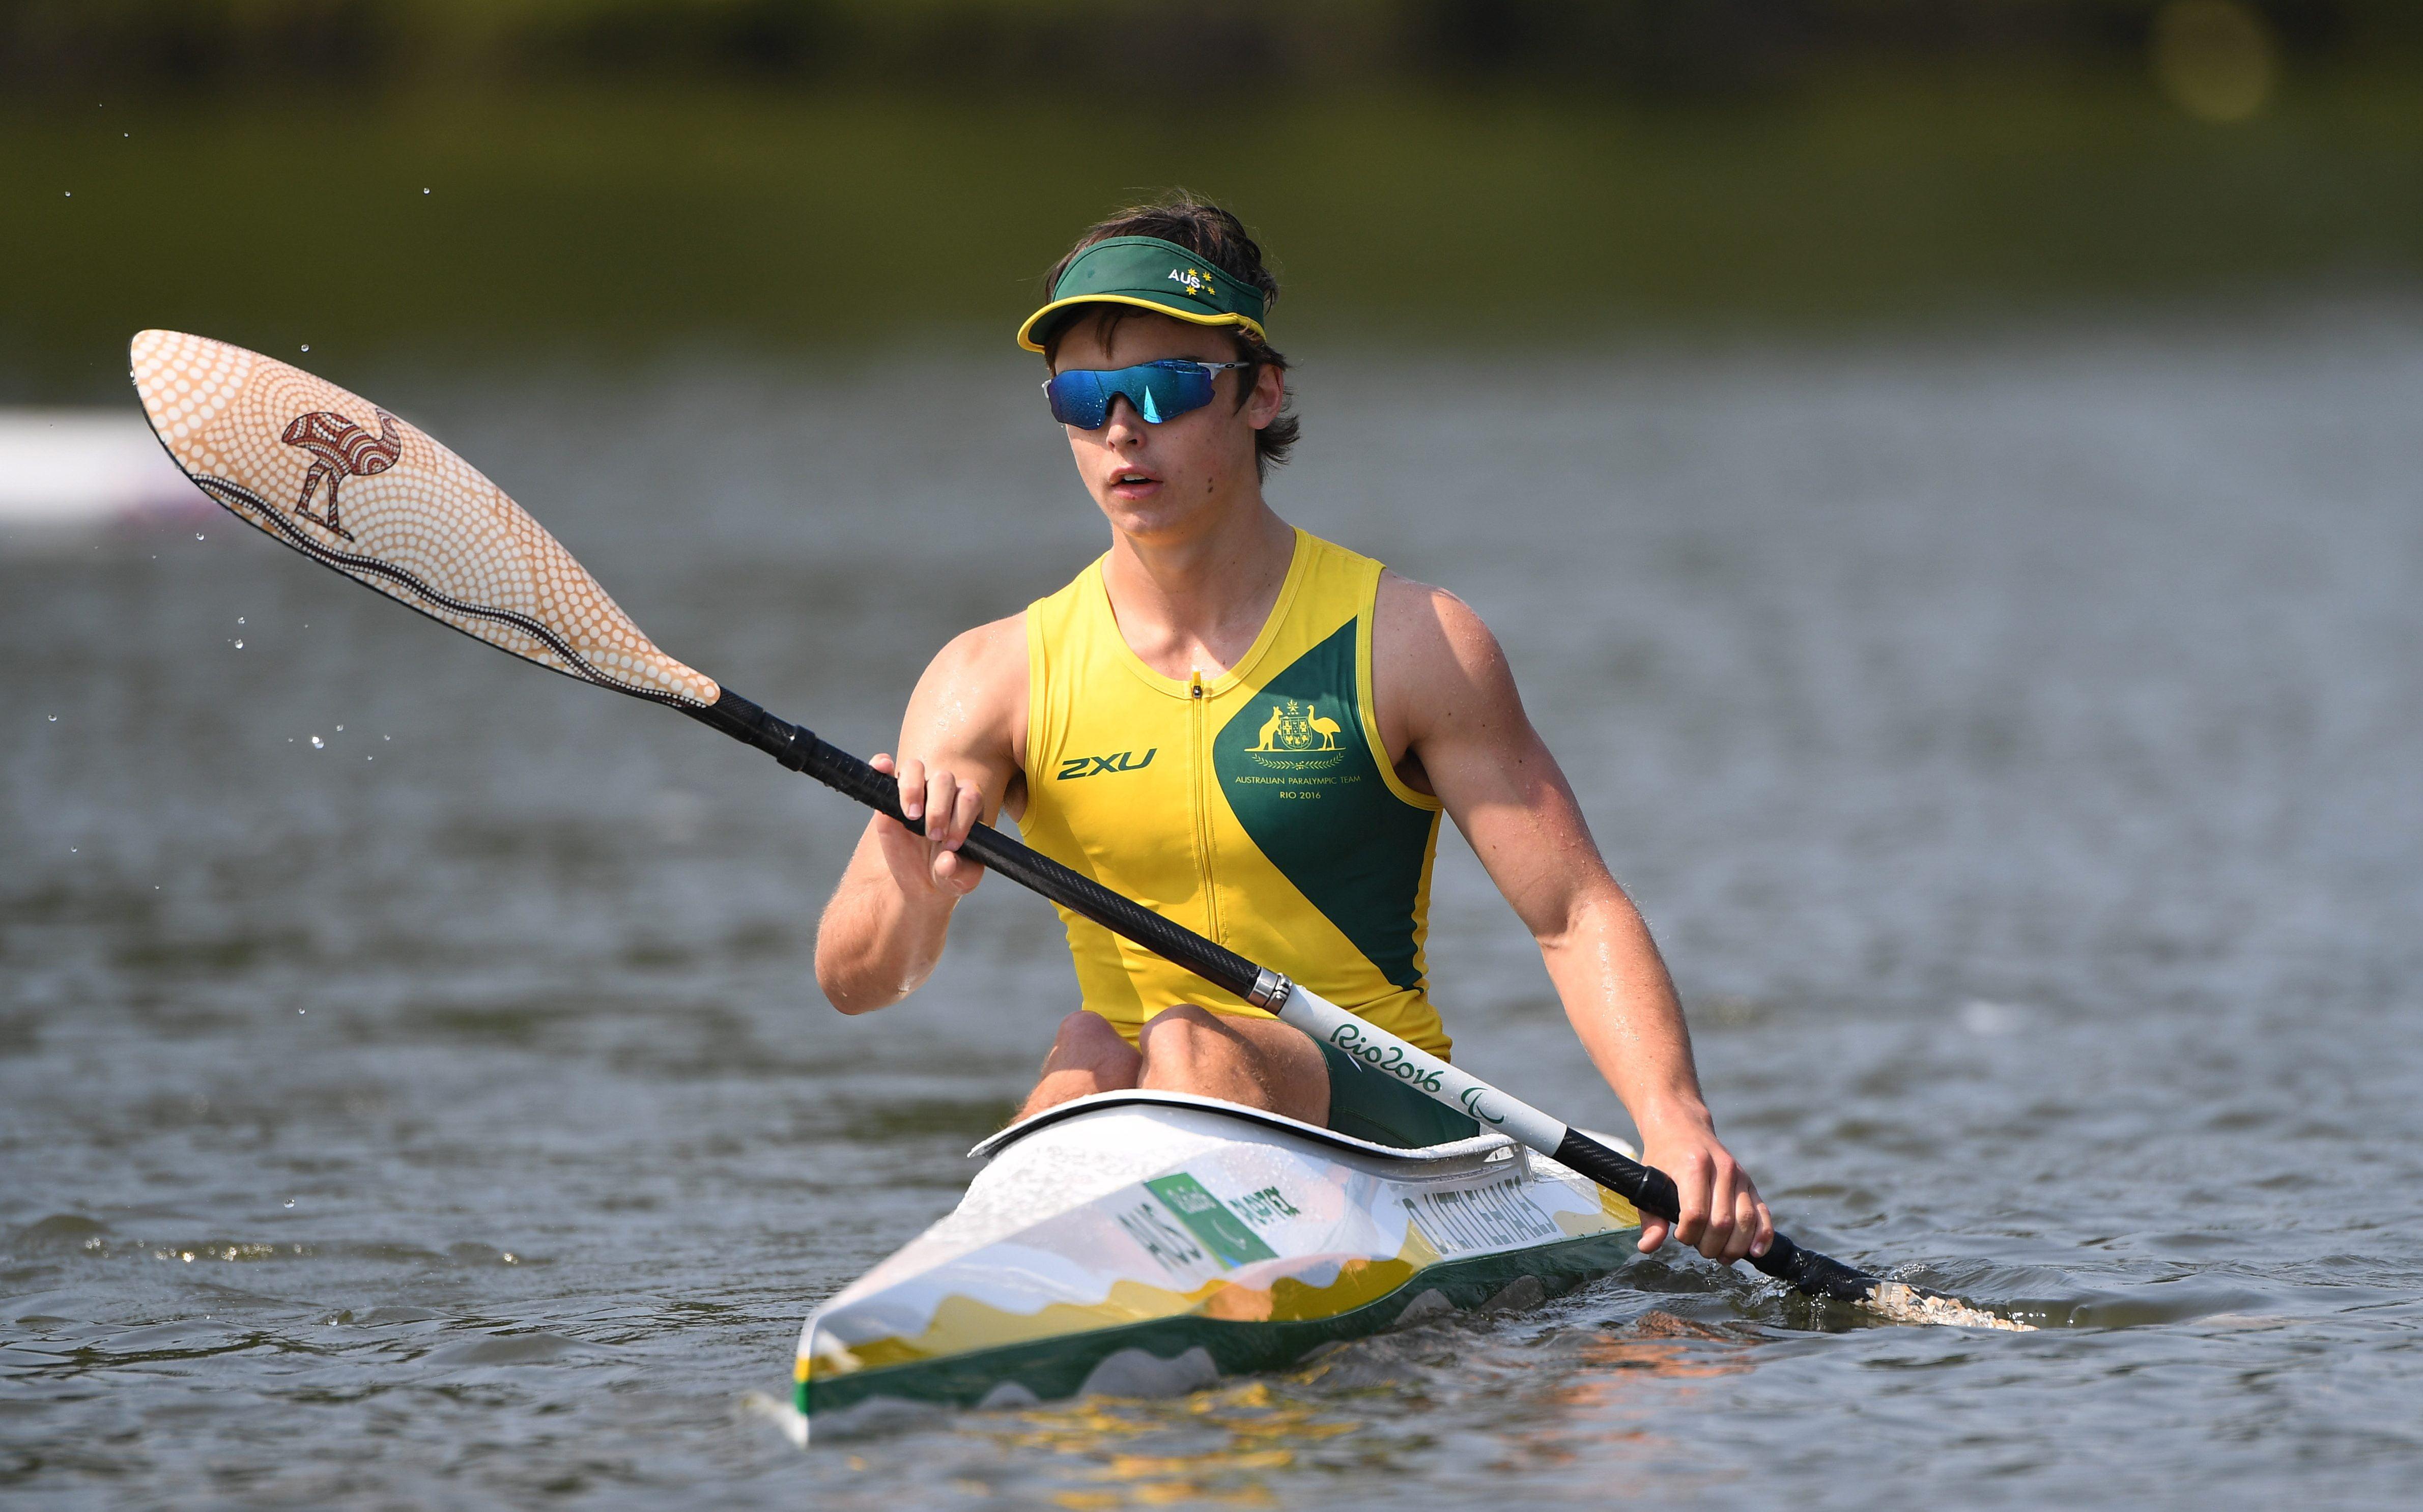 National Championships kick off at Champion Lakes